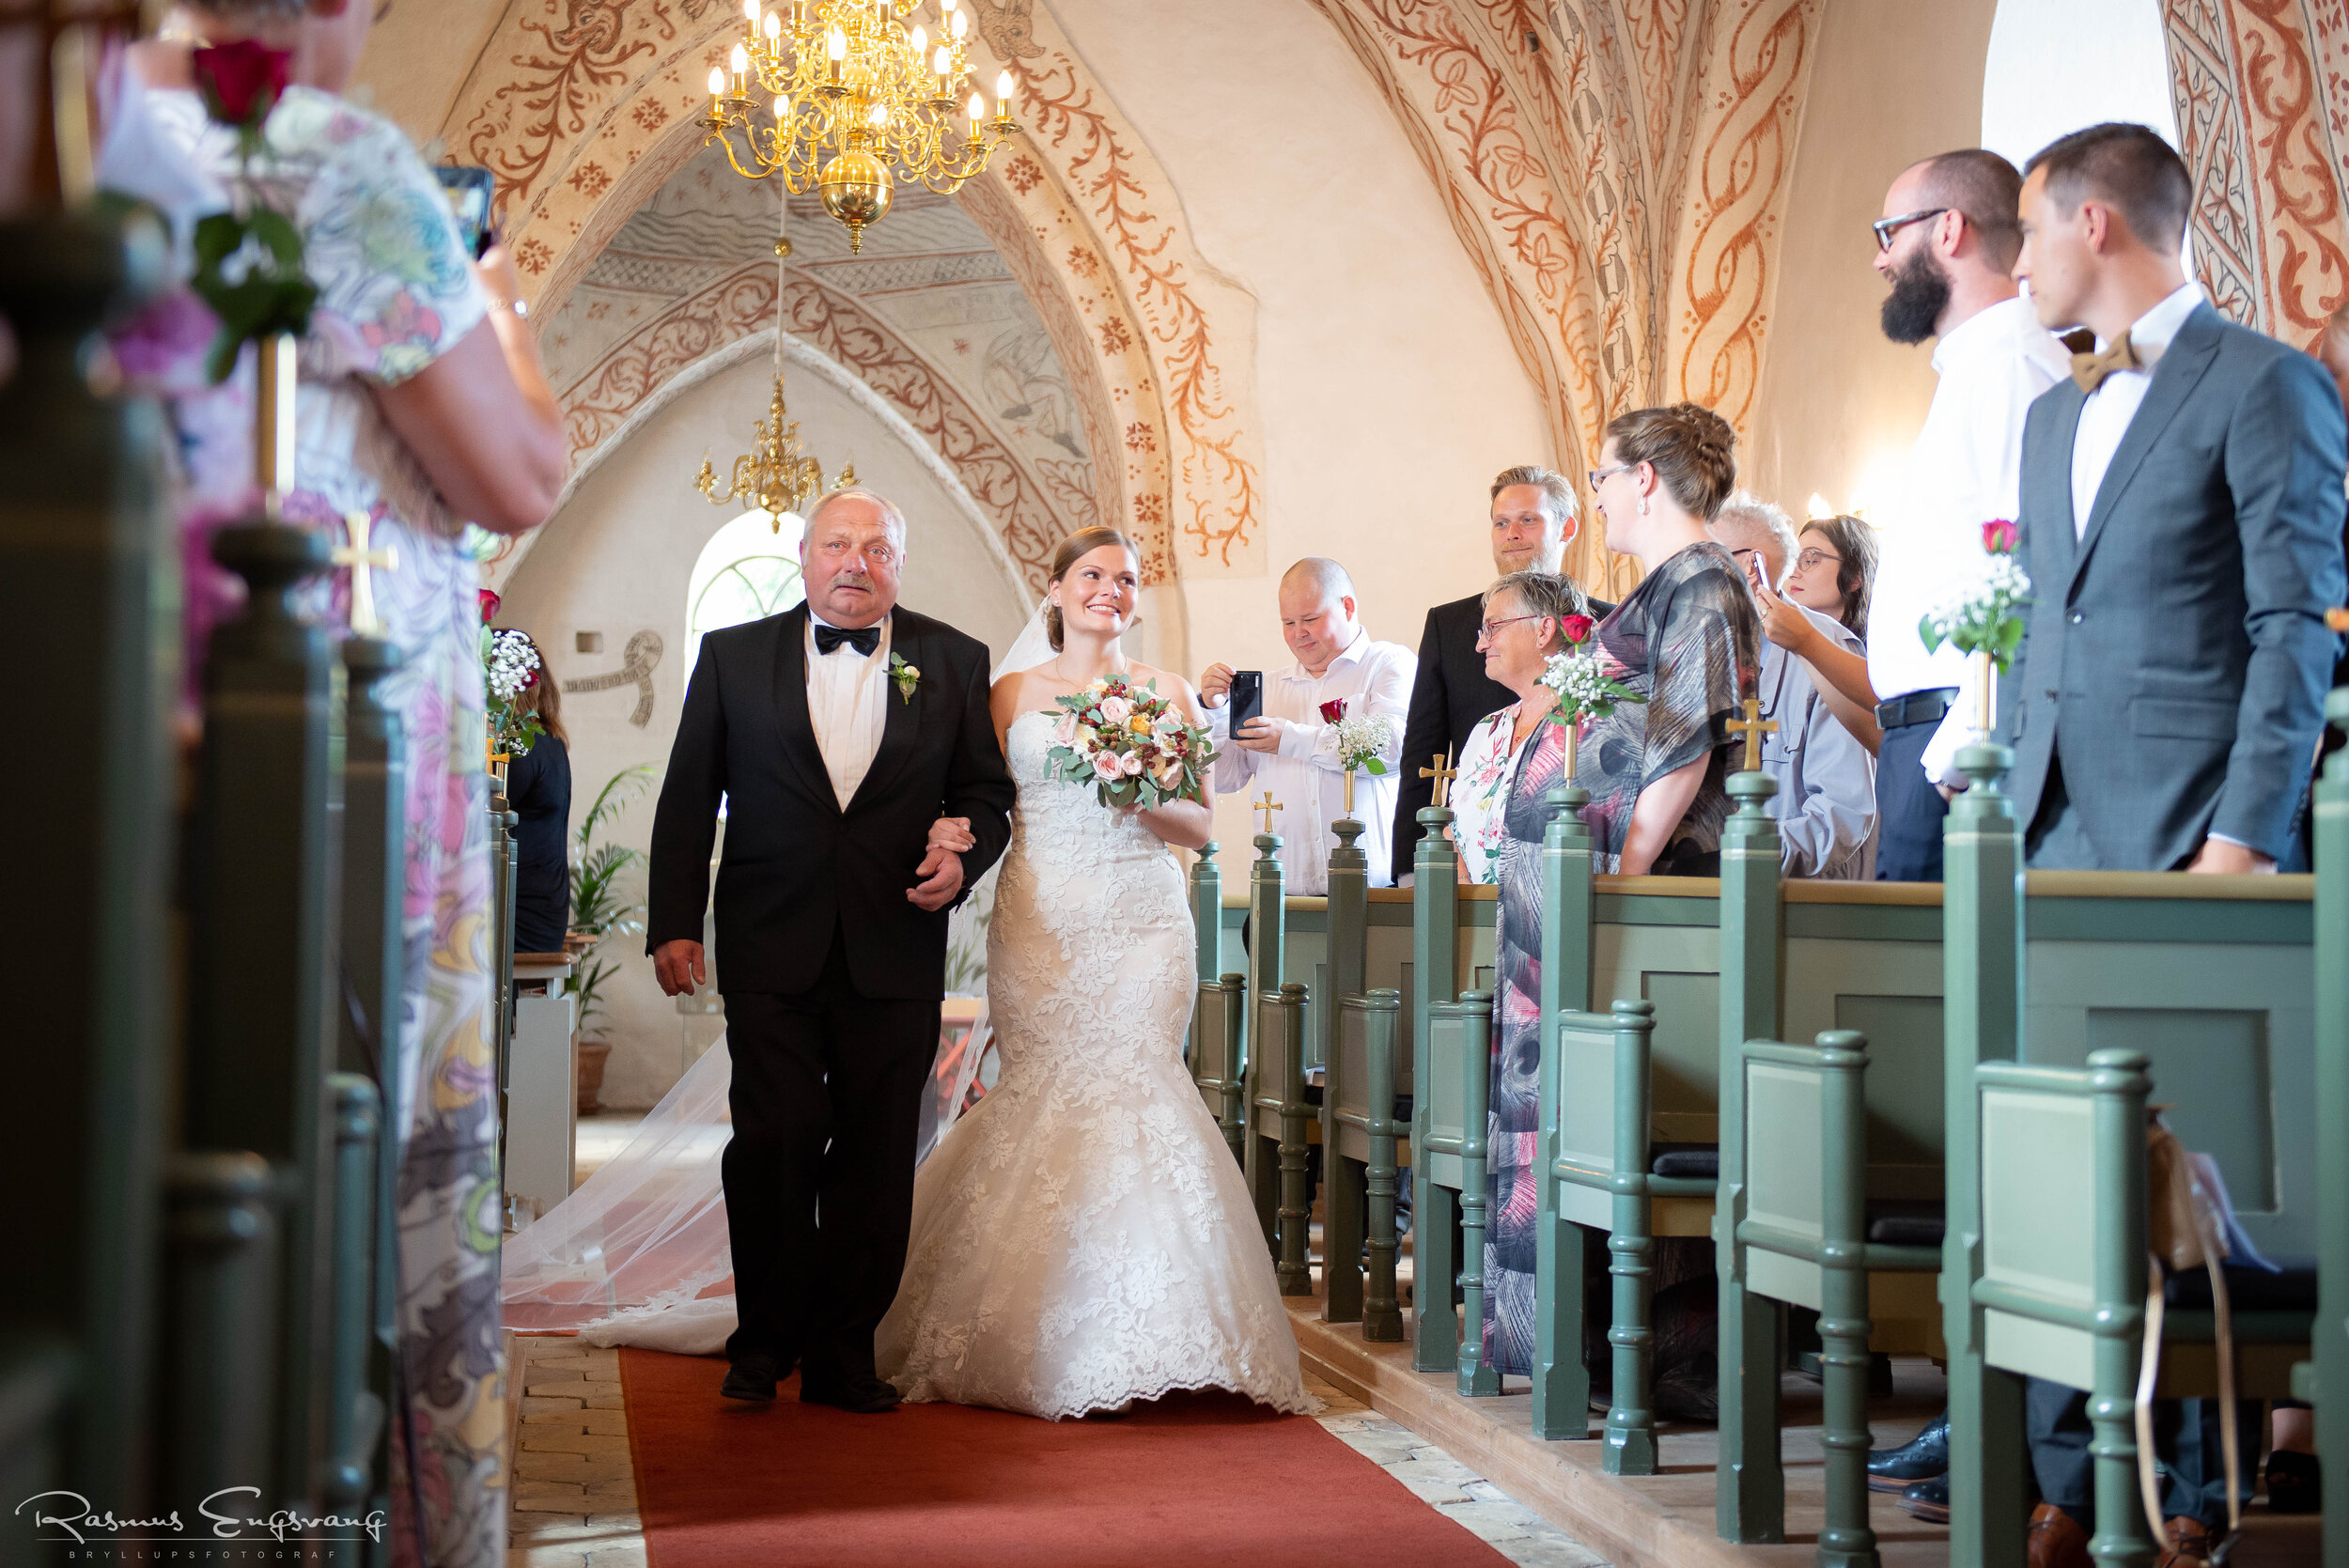 Bryllupsfotograf_Sjælland_Humleorehus_Vigersted-105.jpg